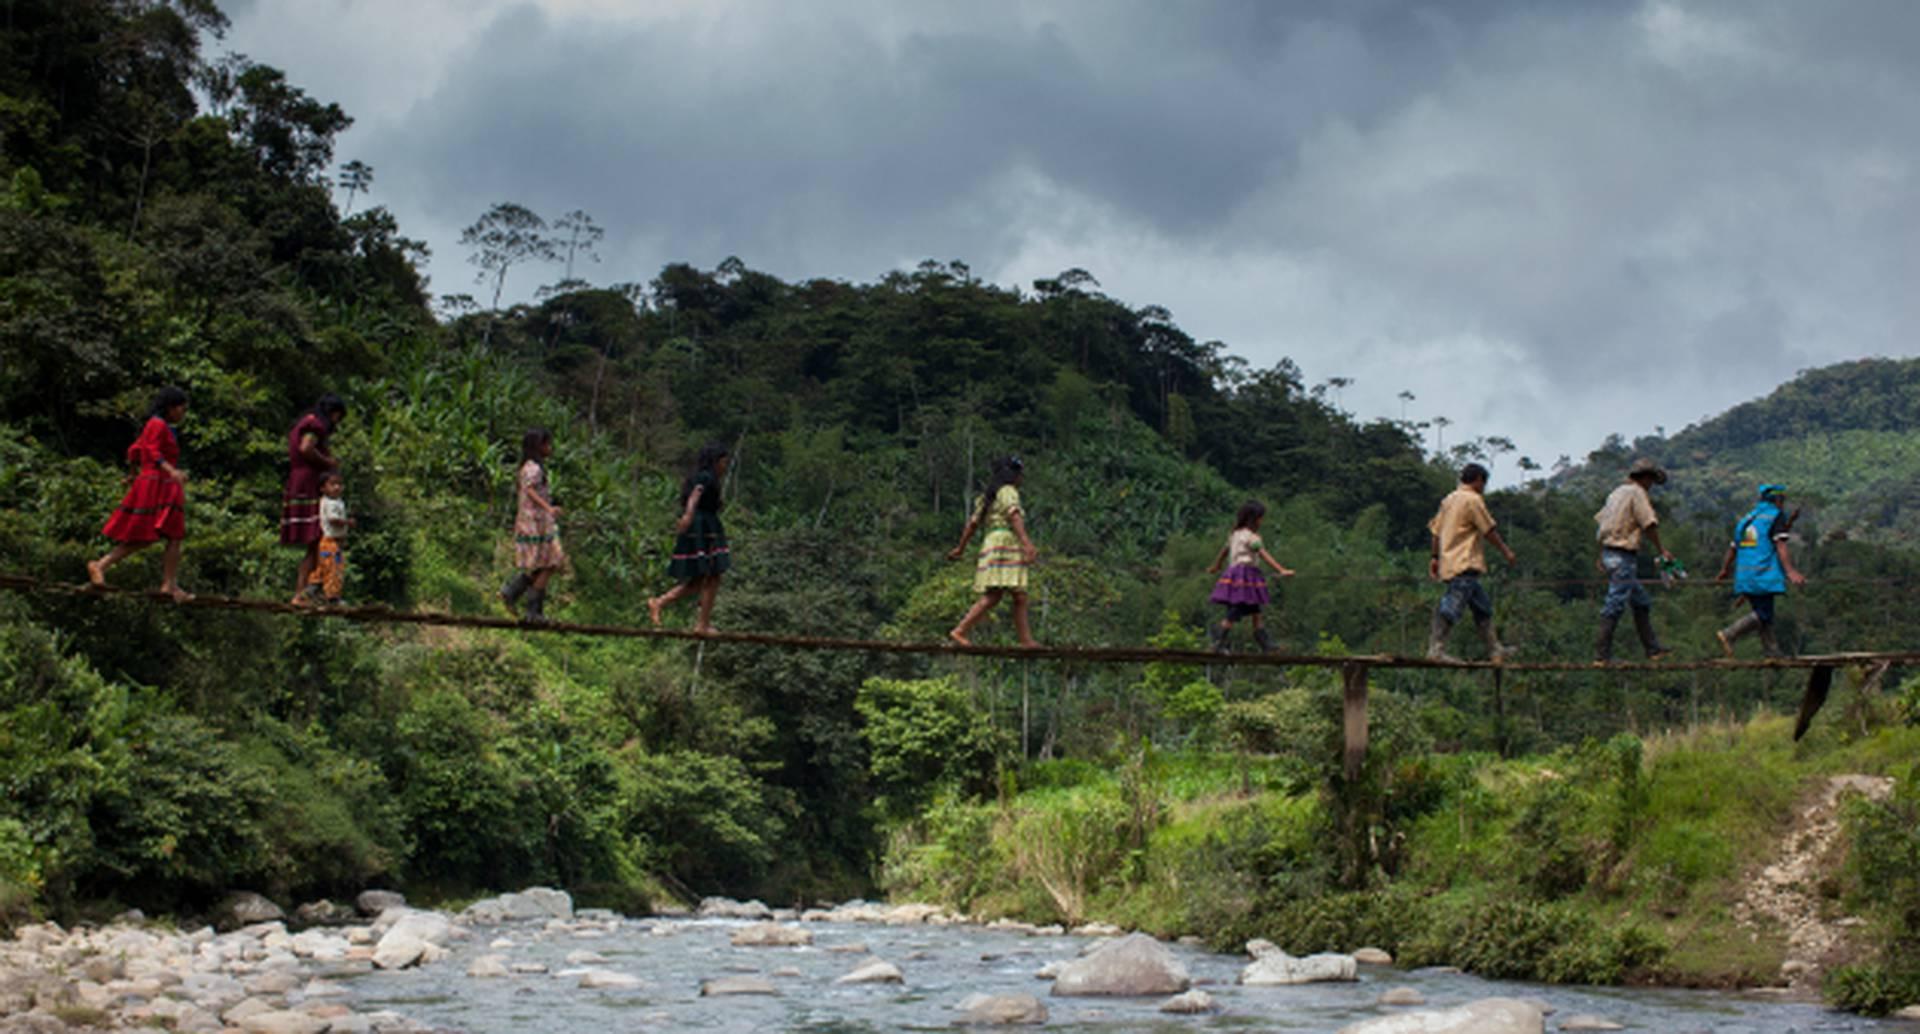 Los indígenas pertenecen a las etnias cubea, desana, tucana, curripaca, macu, bara y guanana.